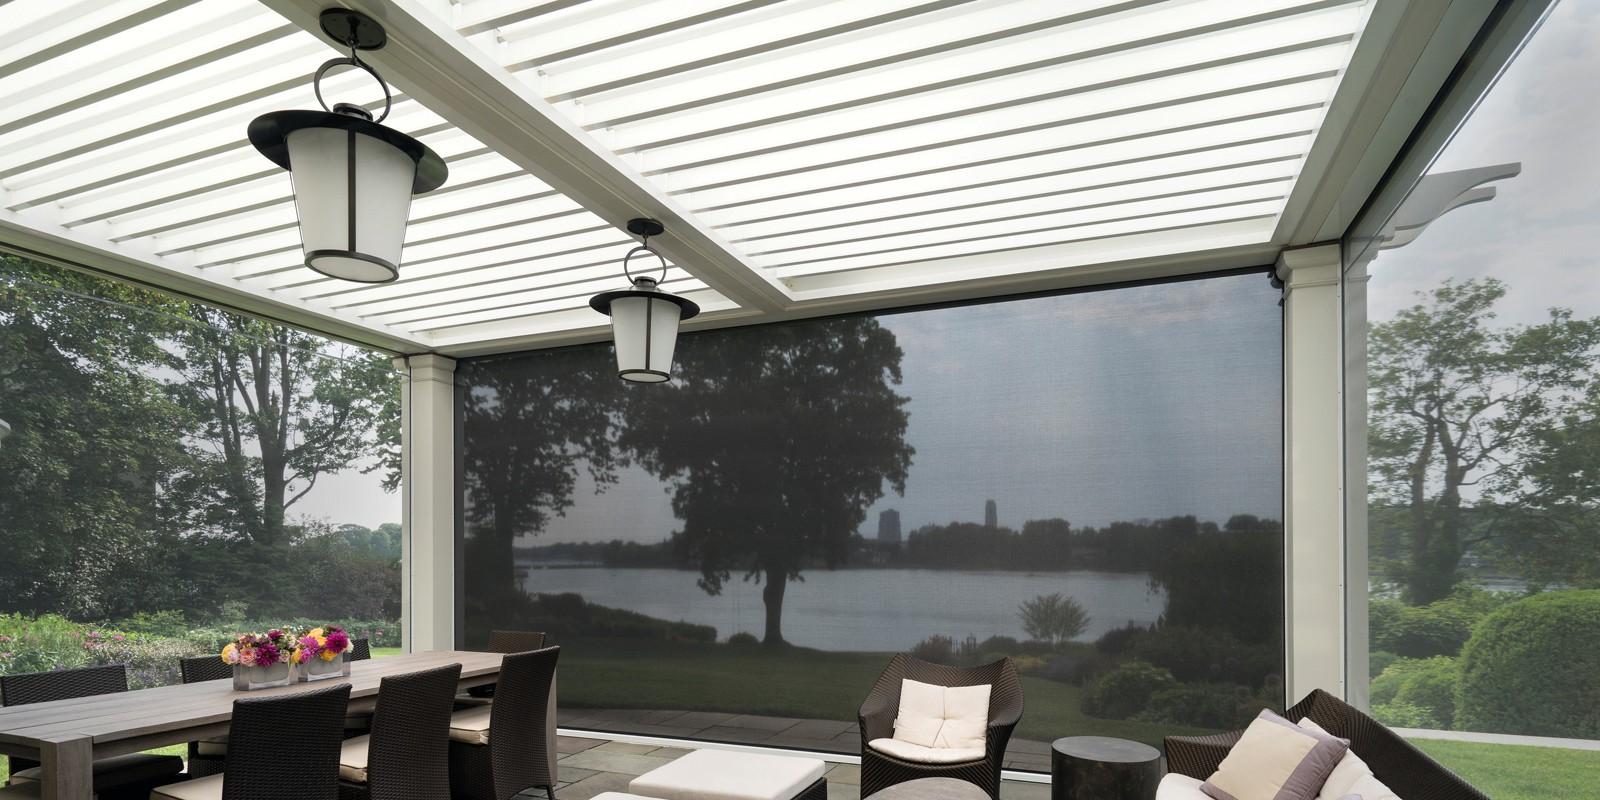 Stijlvol een lamellen overkapping voor terras of tuin nieuws startpagina voor tuin idee n - Fotos terras ...